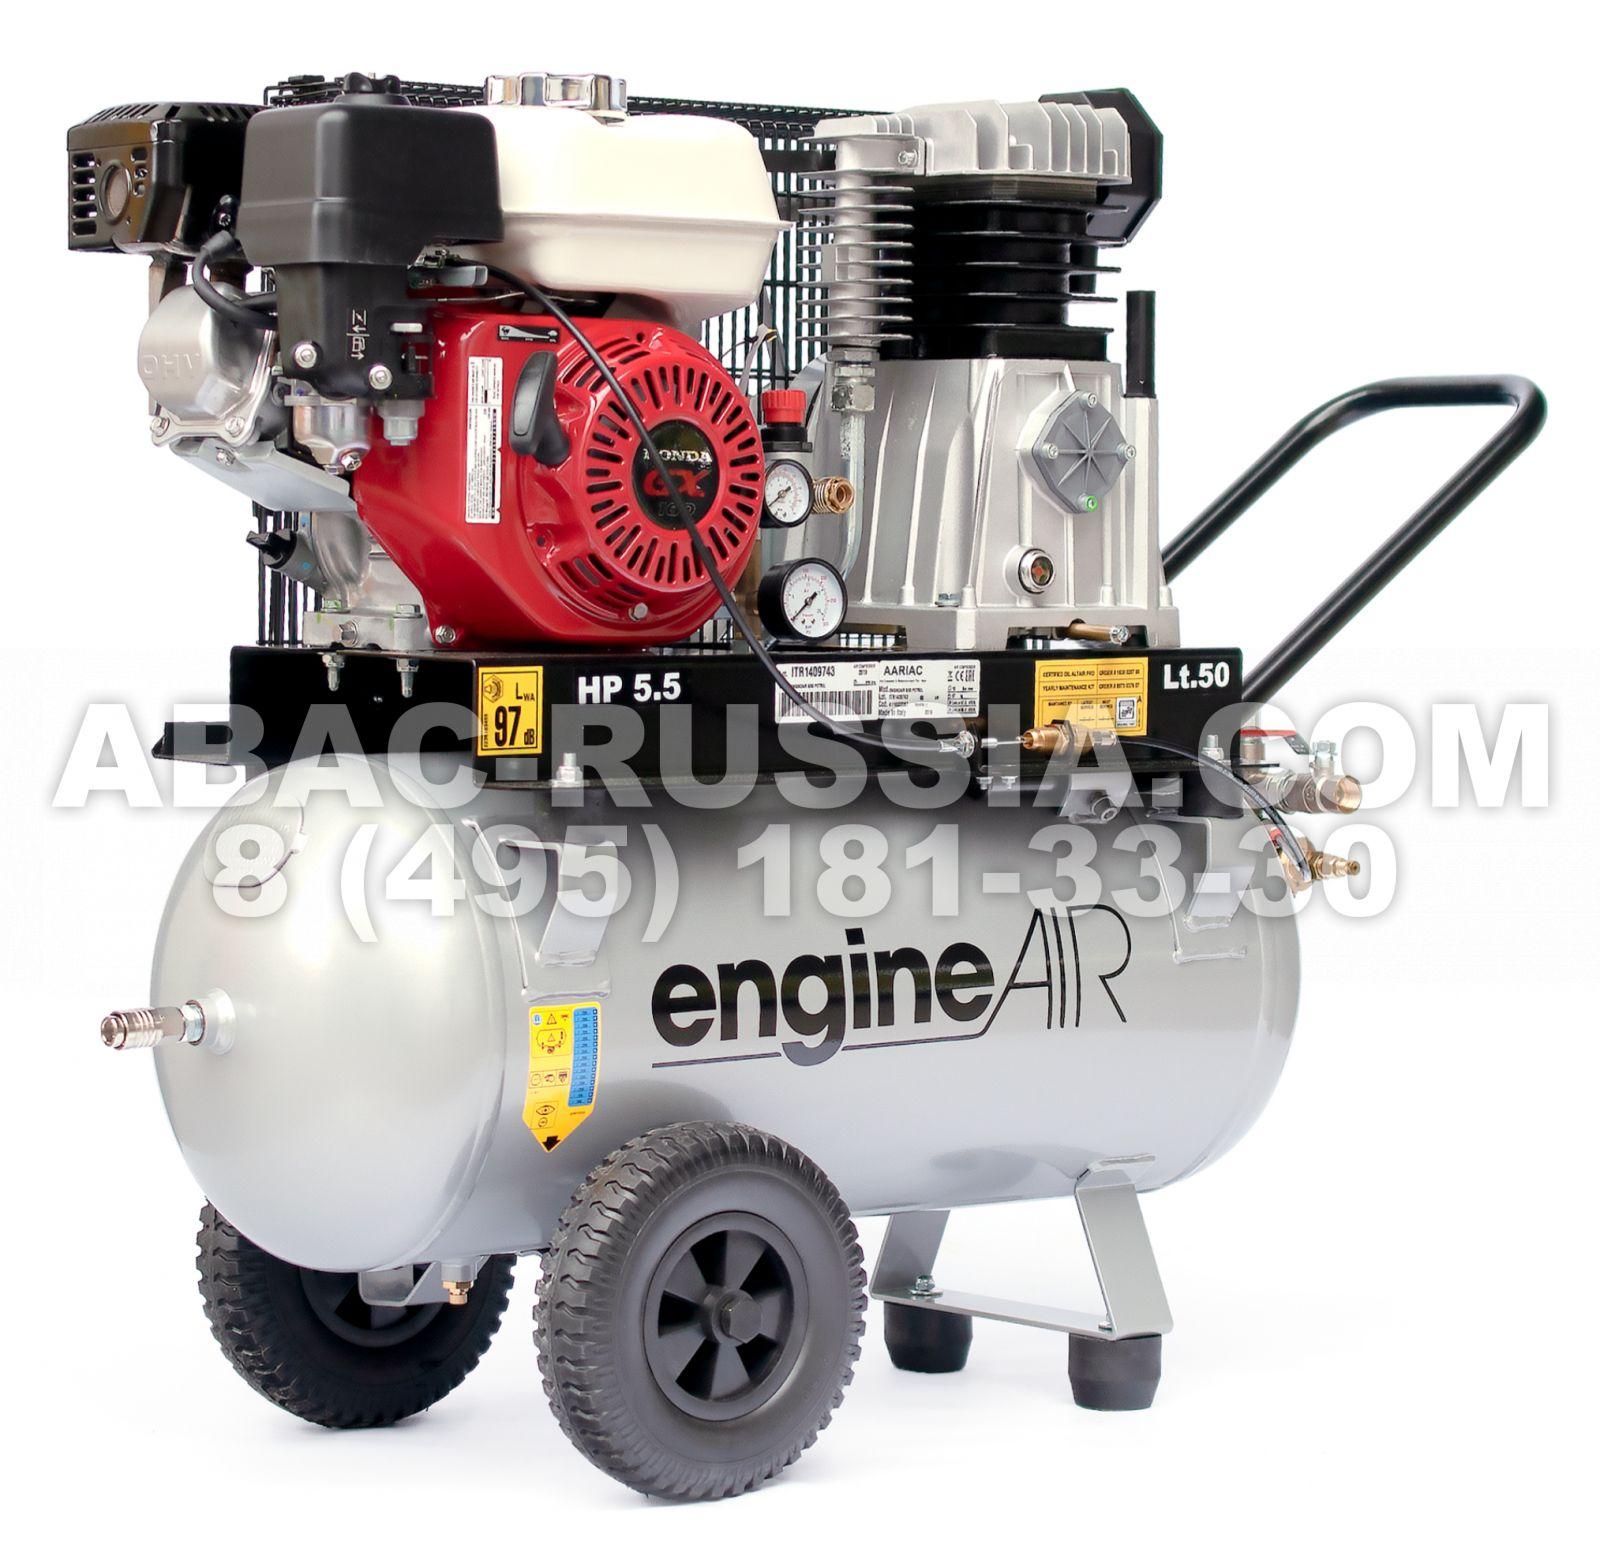 Поршневой компрессор ABAC EngineAIR А39B/50 5HP 4116002087